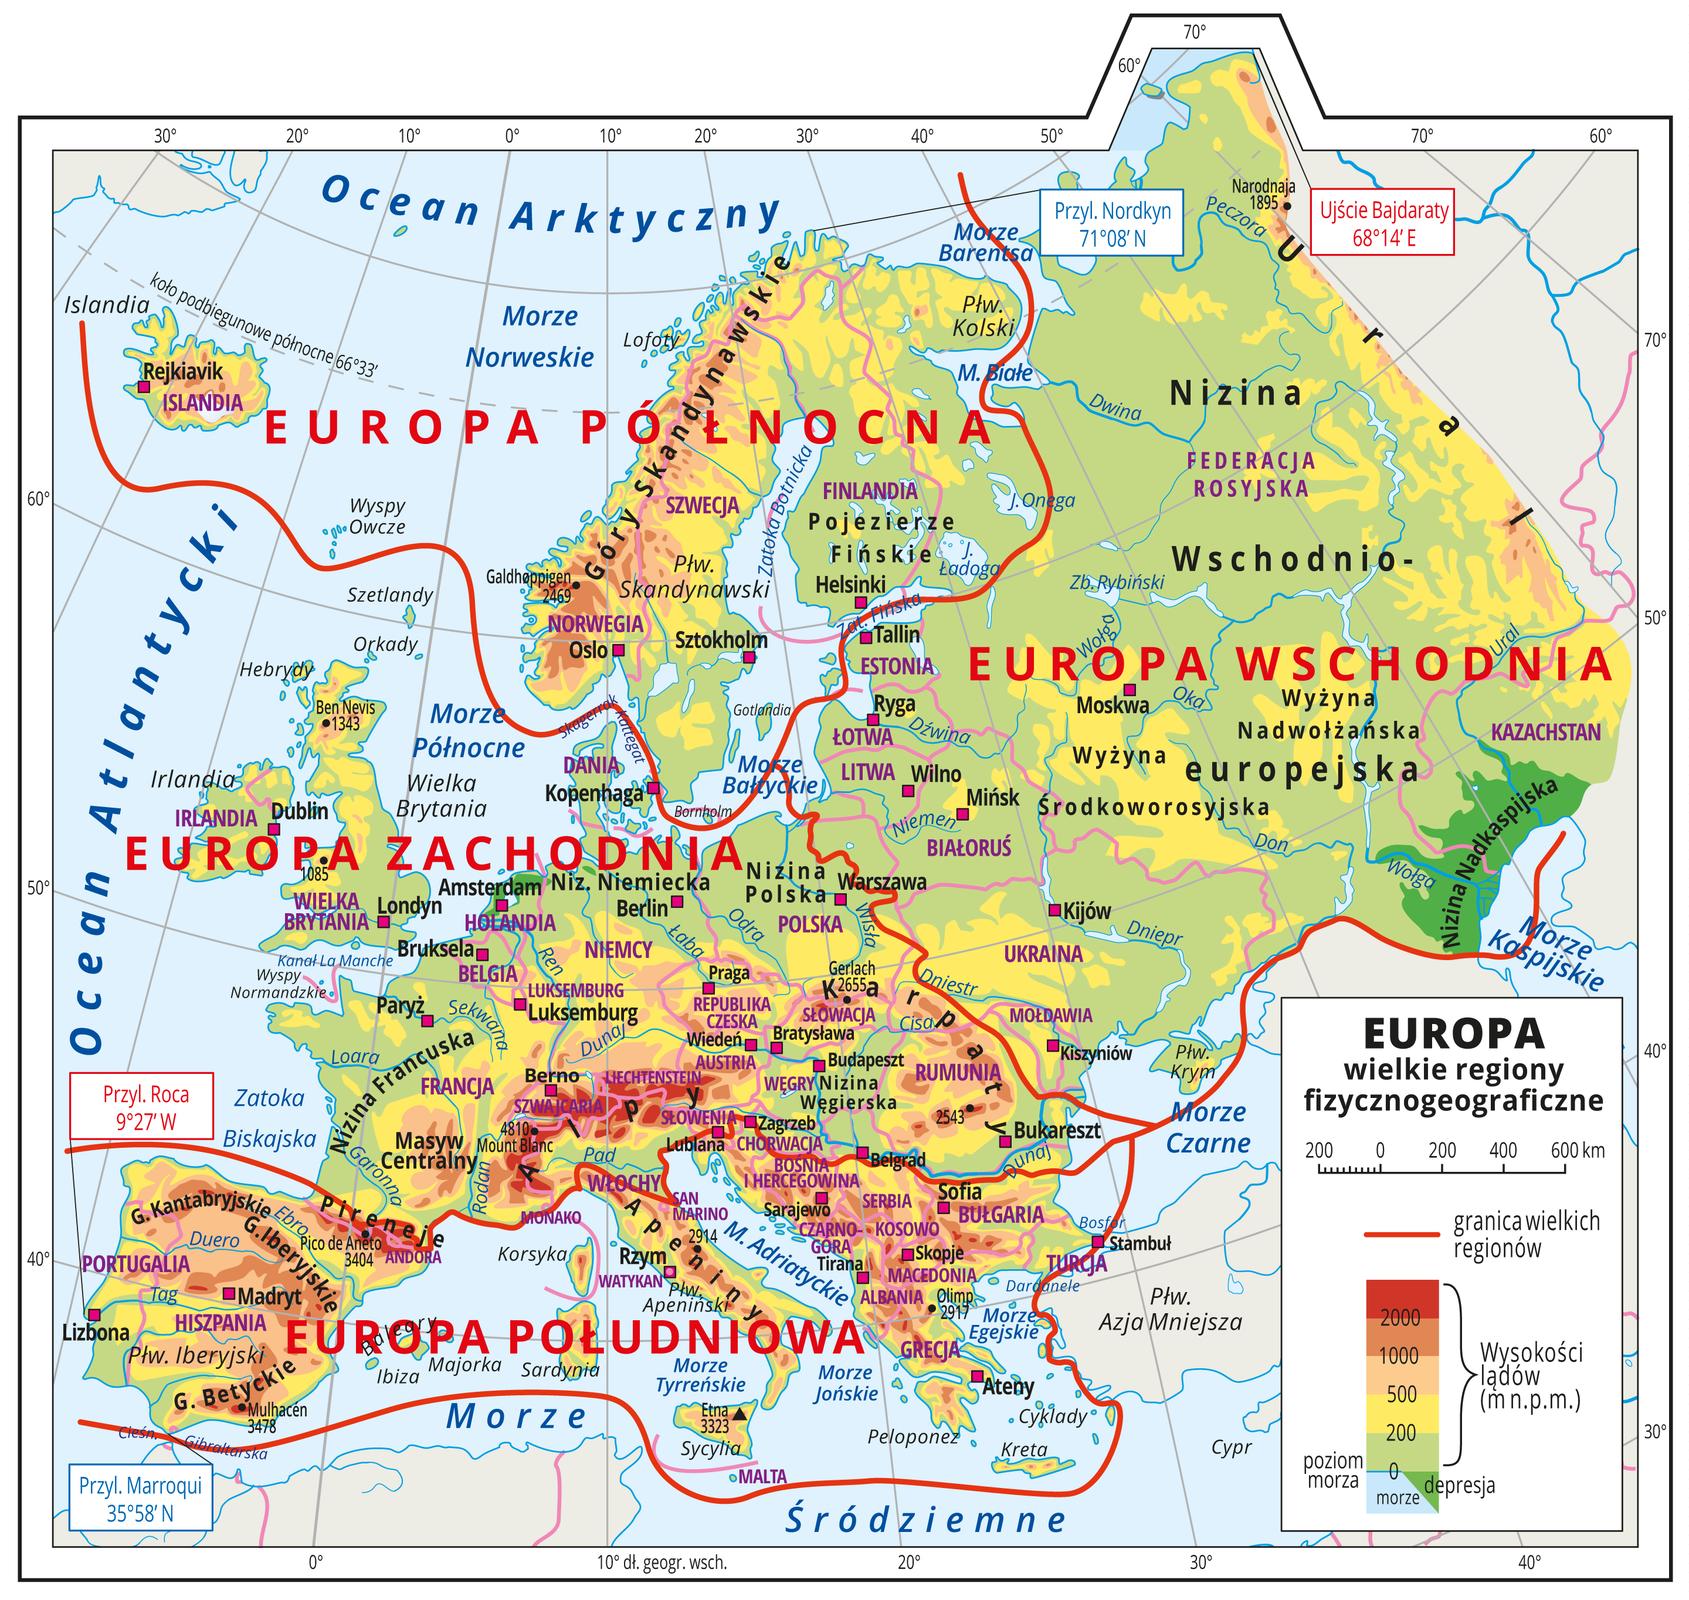 Ilustracja przedstawia mapę hipsometryczną Europy. Wobrębie lądów występują obszary wkolorze zielonym, żółtym, pomarańczowym iczerwonym. Morza zaznaczono kolorem niebieskim. Na mapie opisano nazwy półwyspów, wysp, nizin, wyżyn ipasm górskich, mórz, zatok, rzek ijezior. Oznaczono iopisano główne miasta. Oznaczono czarnymi kropkami iopisano szczyty górskie. Mapa pokryta jest równoleżnikami ipołudnikami. Podano współrzędne geograficzne skrajnych punktów: zachód – Przyl. Roca 9°27' W, południe – Przyl. Marroqui 35°58' N, północ – Przyl. Nordkyn 71°08' N, wschód – Ujście Bajdaraty 68°14' E. Czerwonymi liniami oddzielono wielkie regiony fizycznogeograficzne: Europa Północna, Europa Zachodnia, Europa Południowa, Europa Wschodnia. Mapa zawiera południki irównoleżniki, dookoła mapy wbiałej ramce opisano współrzędne geograficzne co dziesięć stopni.